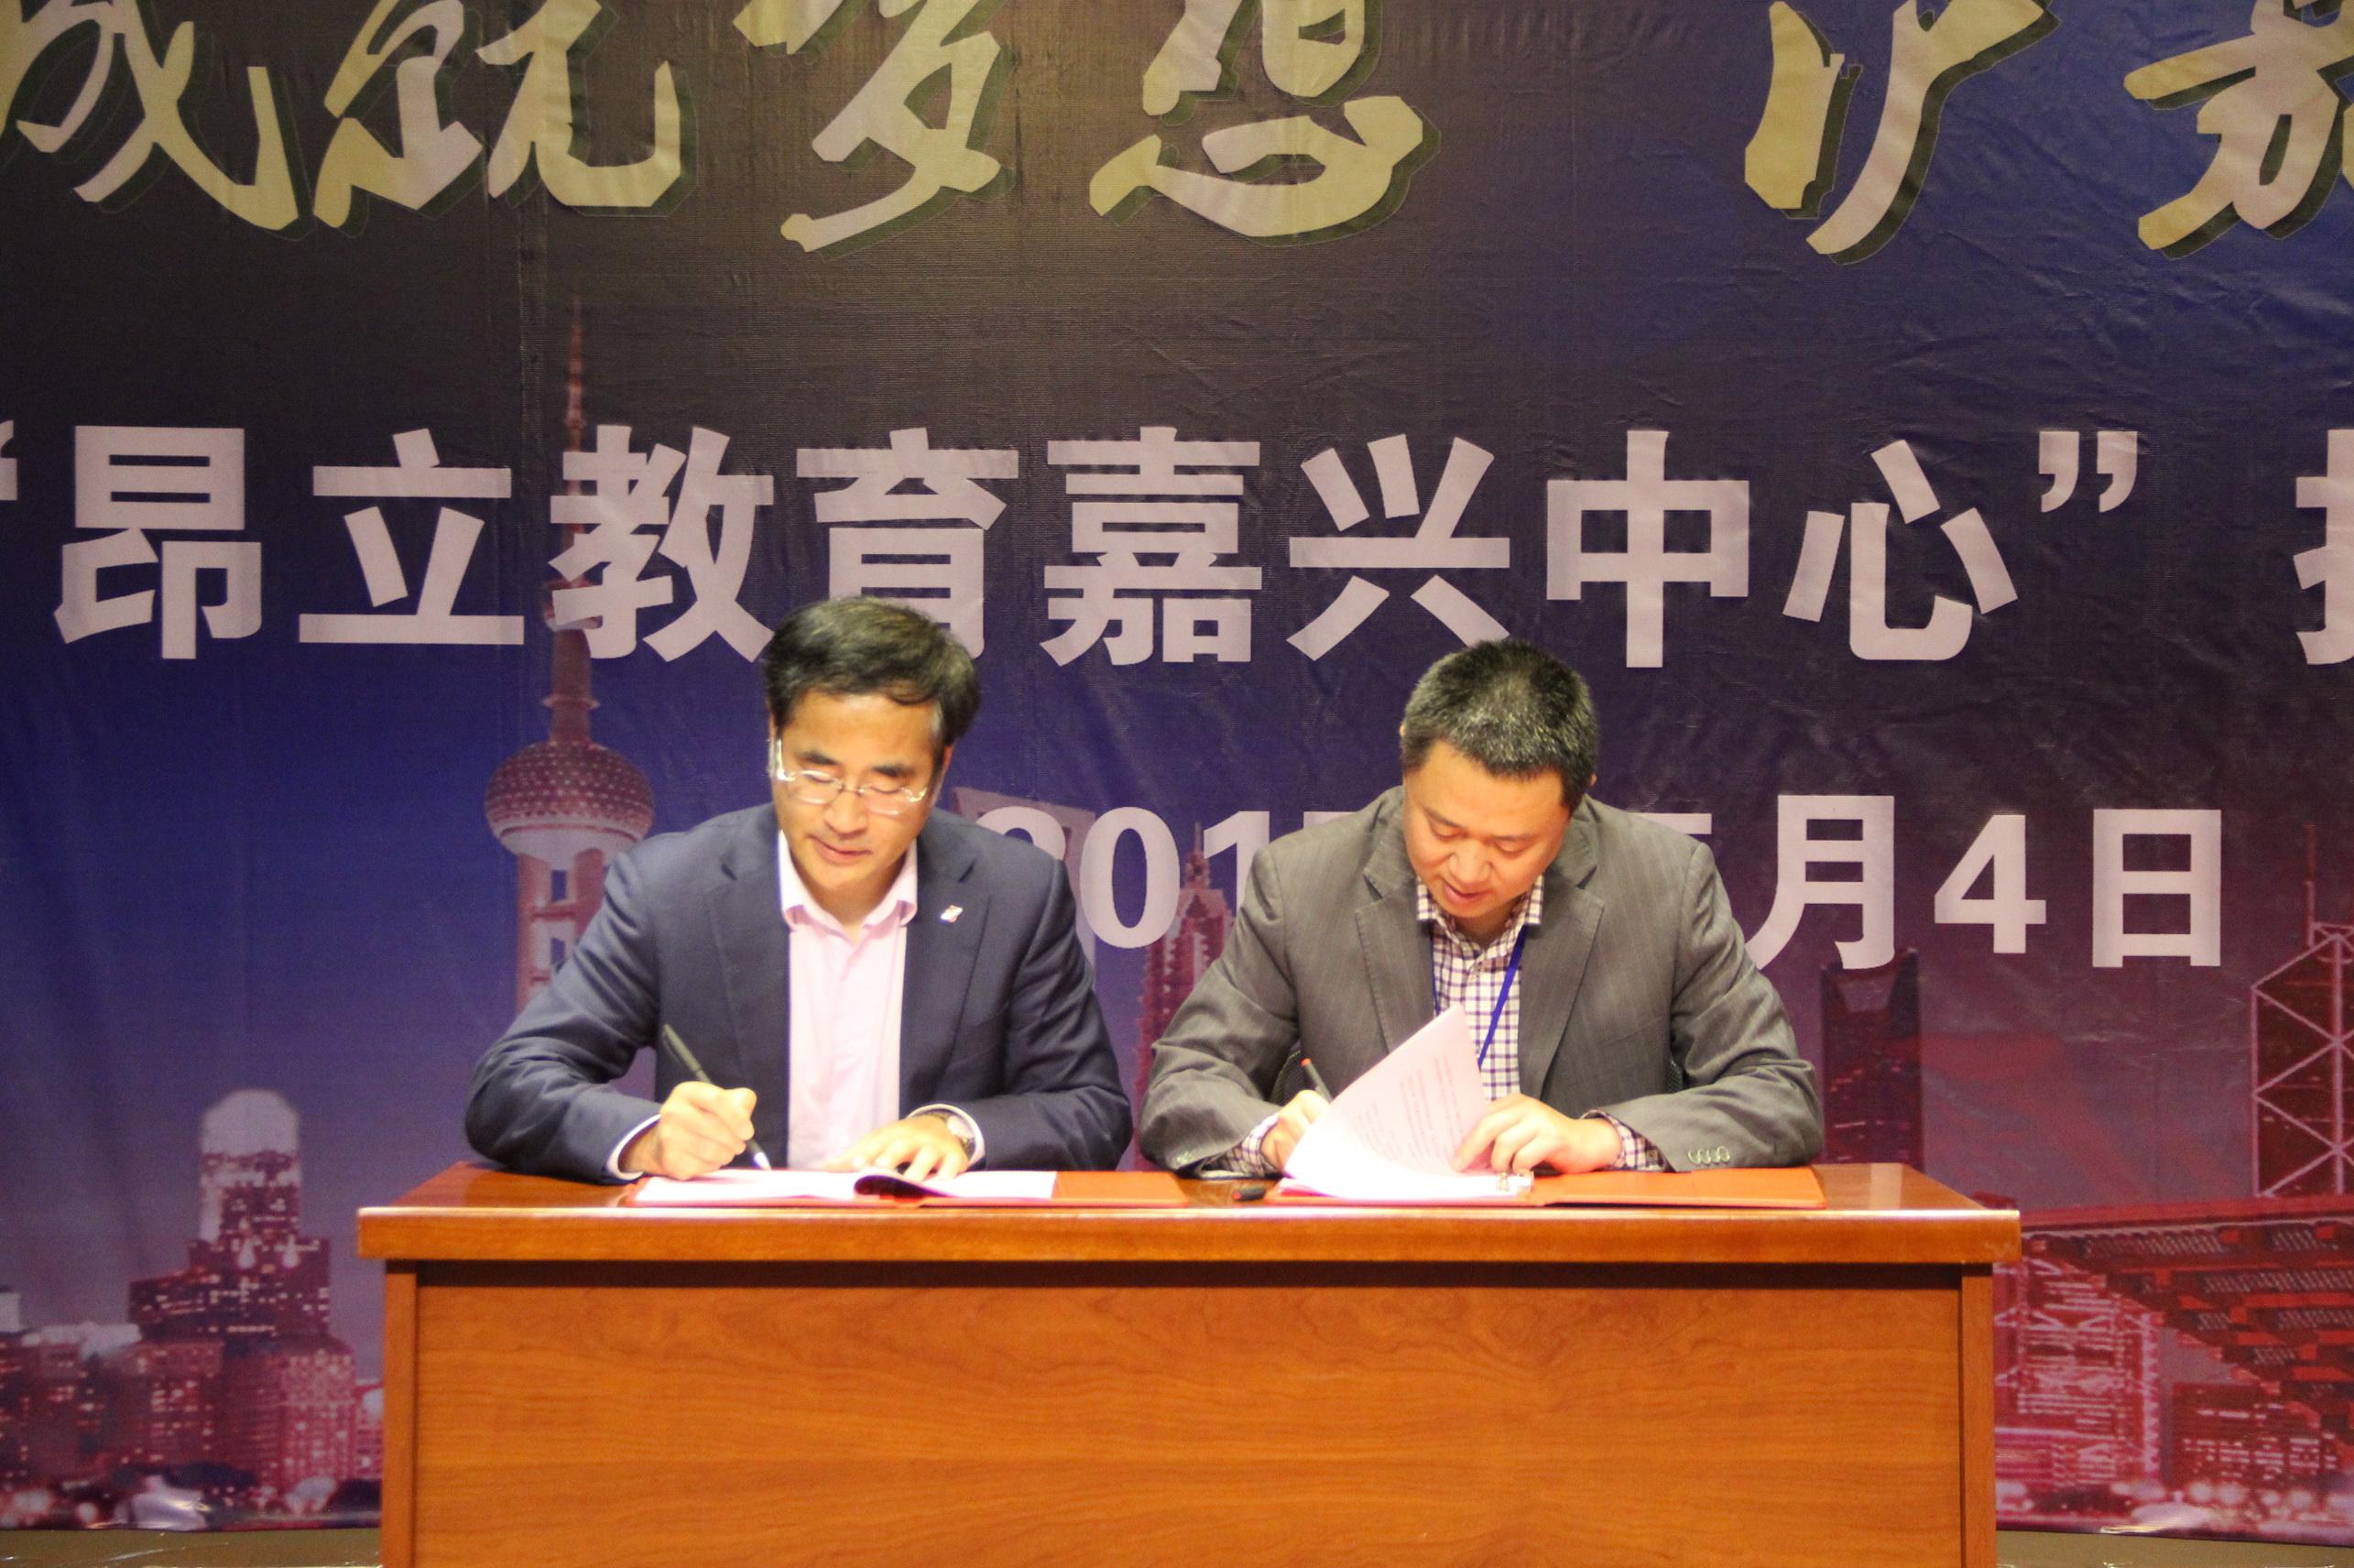 仪式上,学院院长常韶伟与昂立教育总裁林涛签订合作框架协议